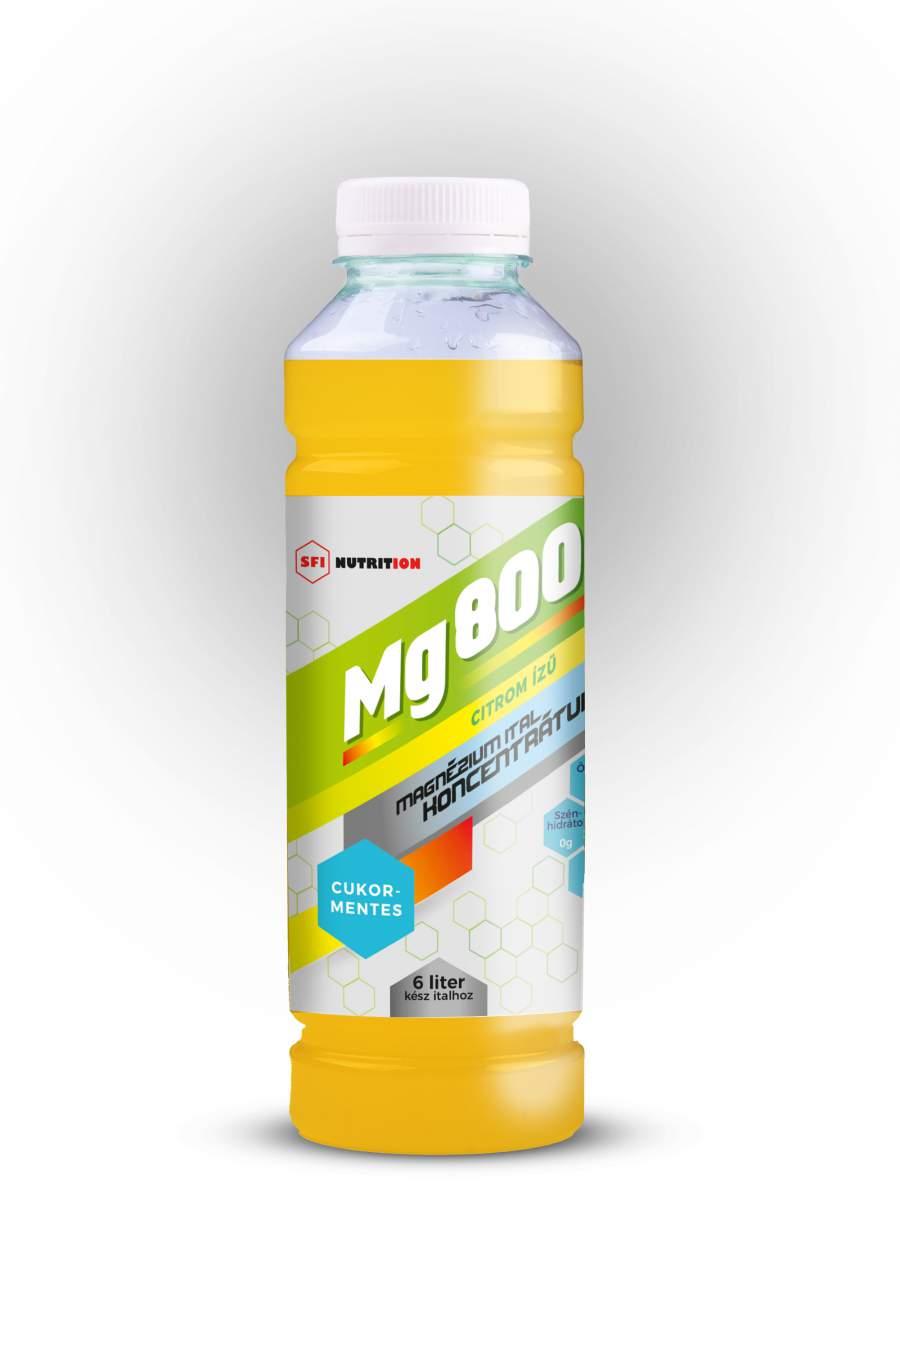 Mg 800 cukormentes magnézium koncentrátum epres-vaníliás ízű